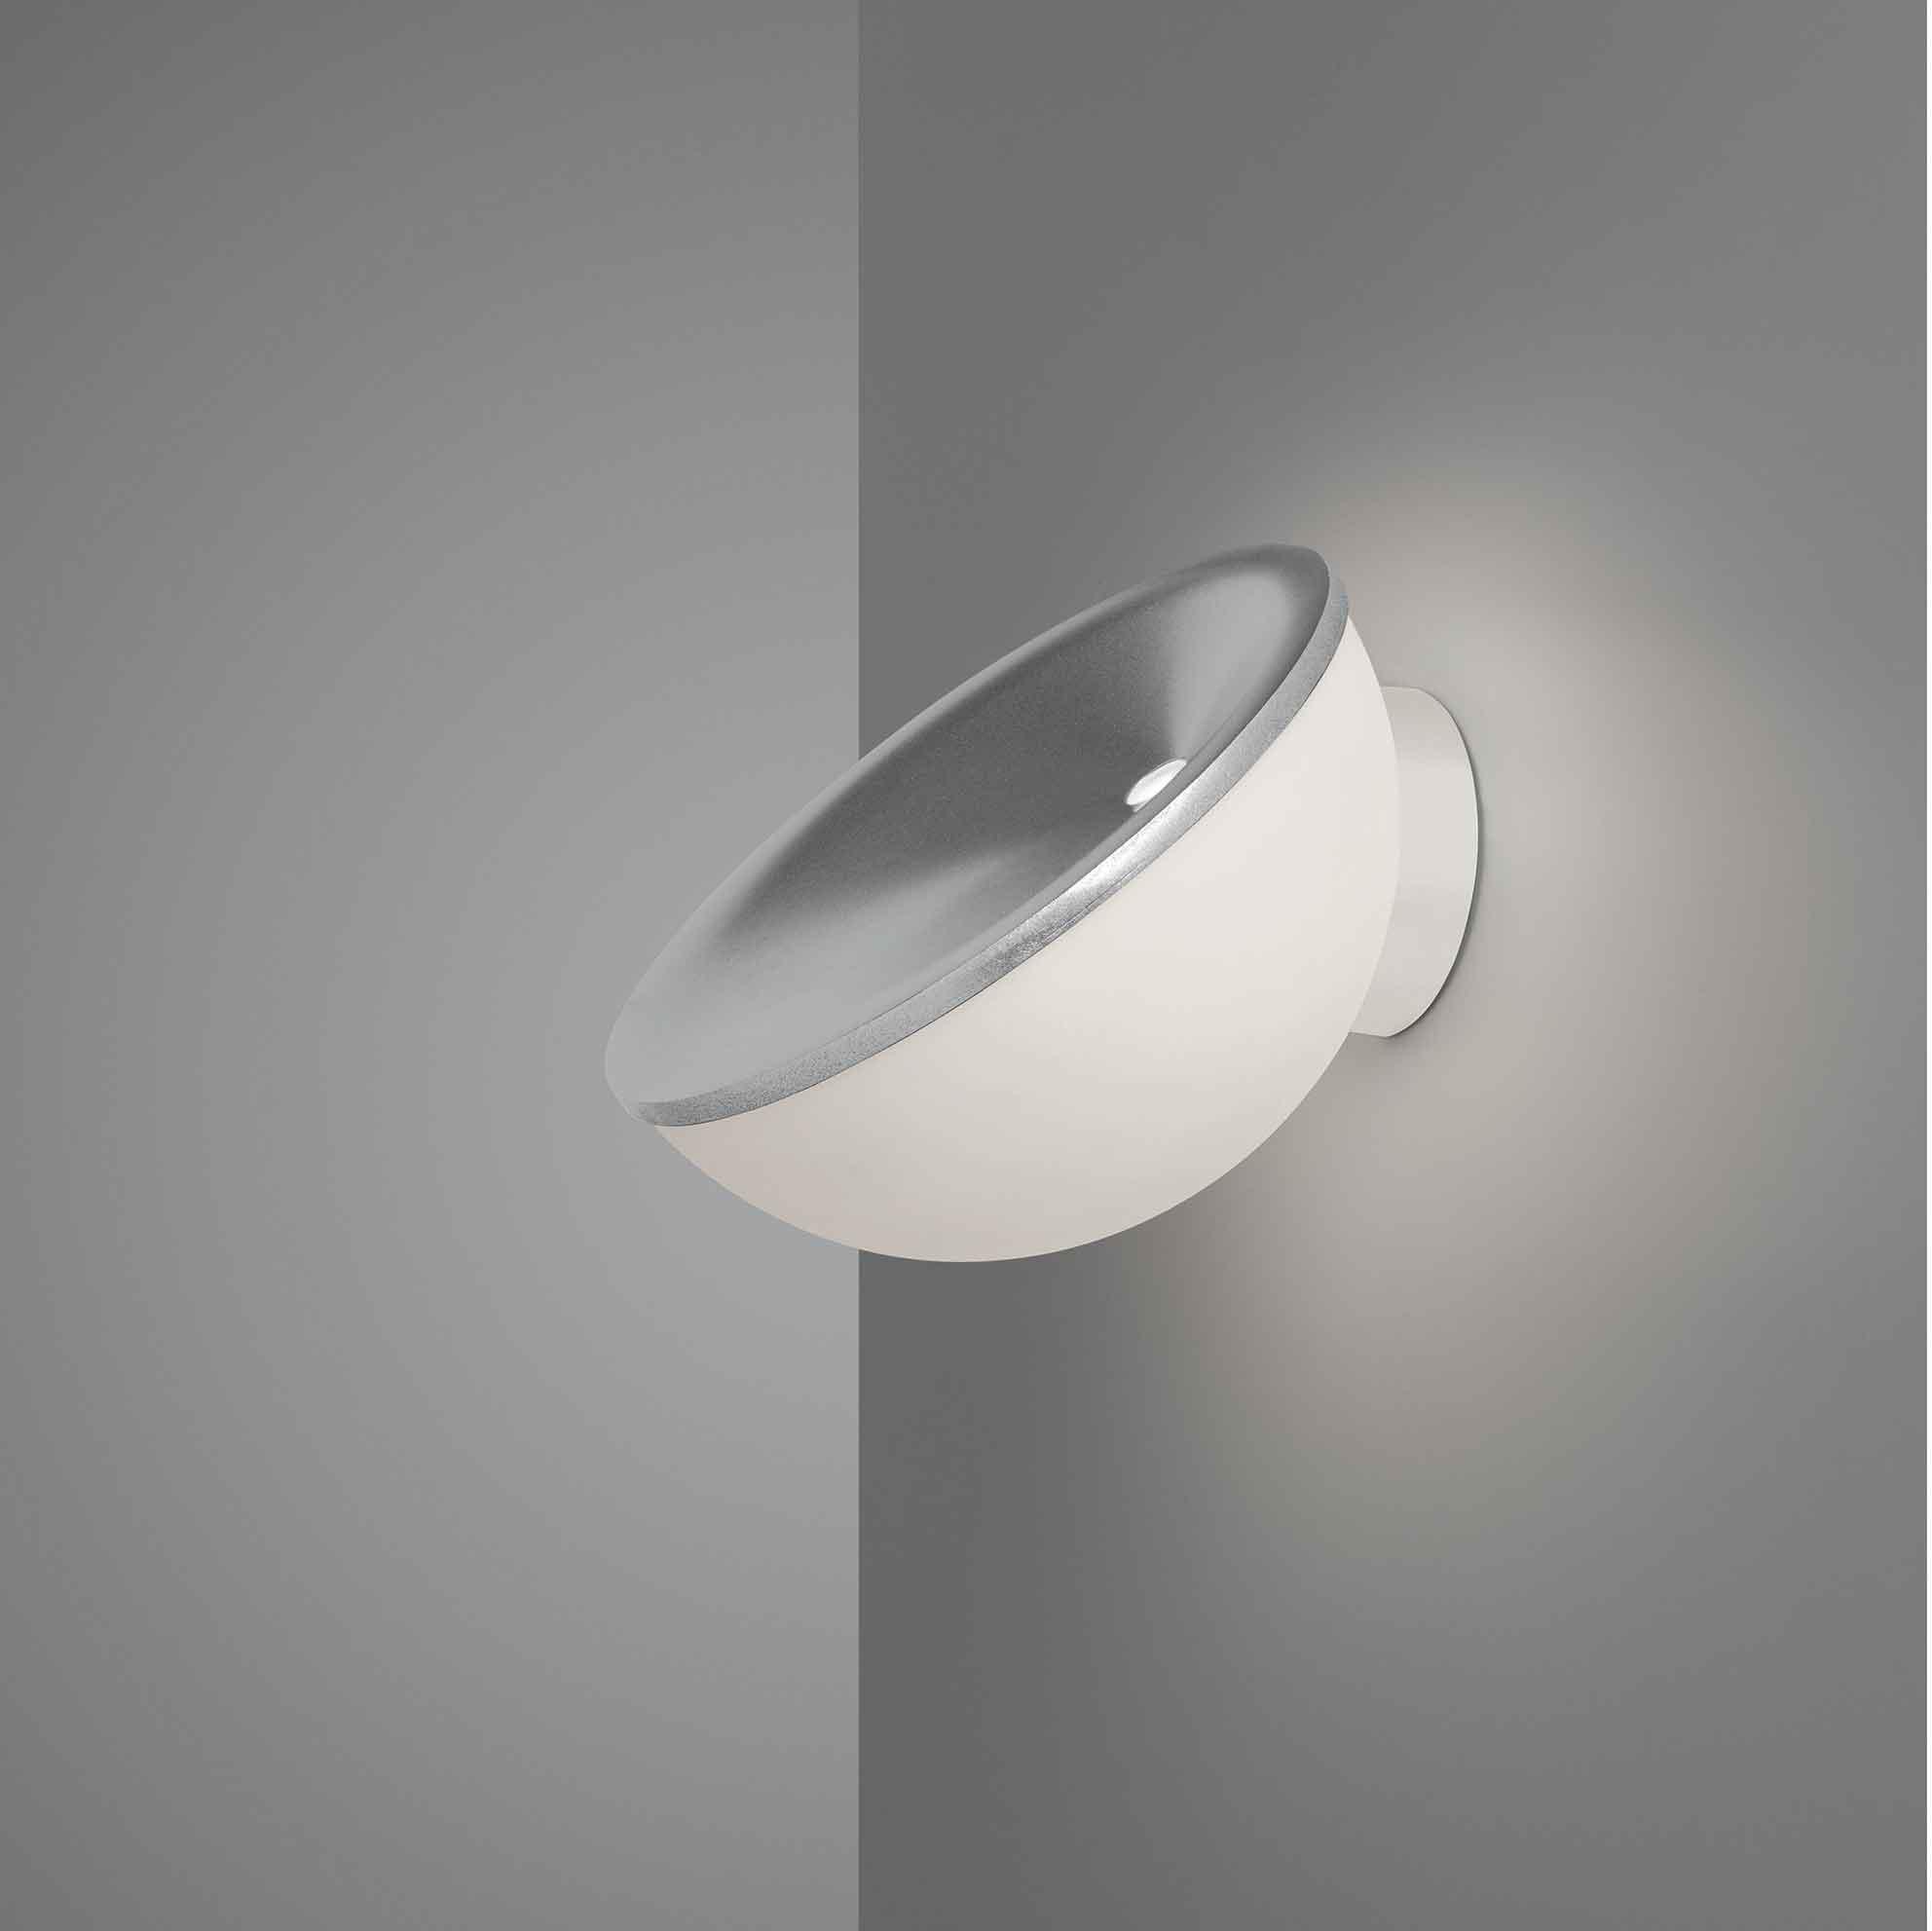 L'applique Beep de Foscarini projette une lumière qui se reflète sur le mur et le plafond avec unerotation de 360 ° sur la base.